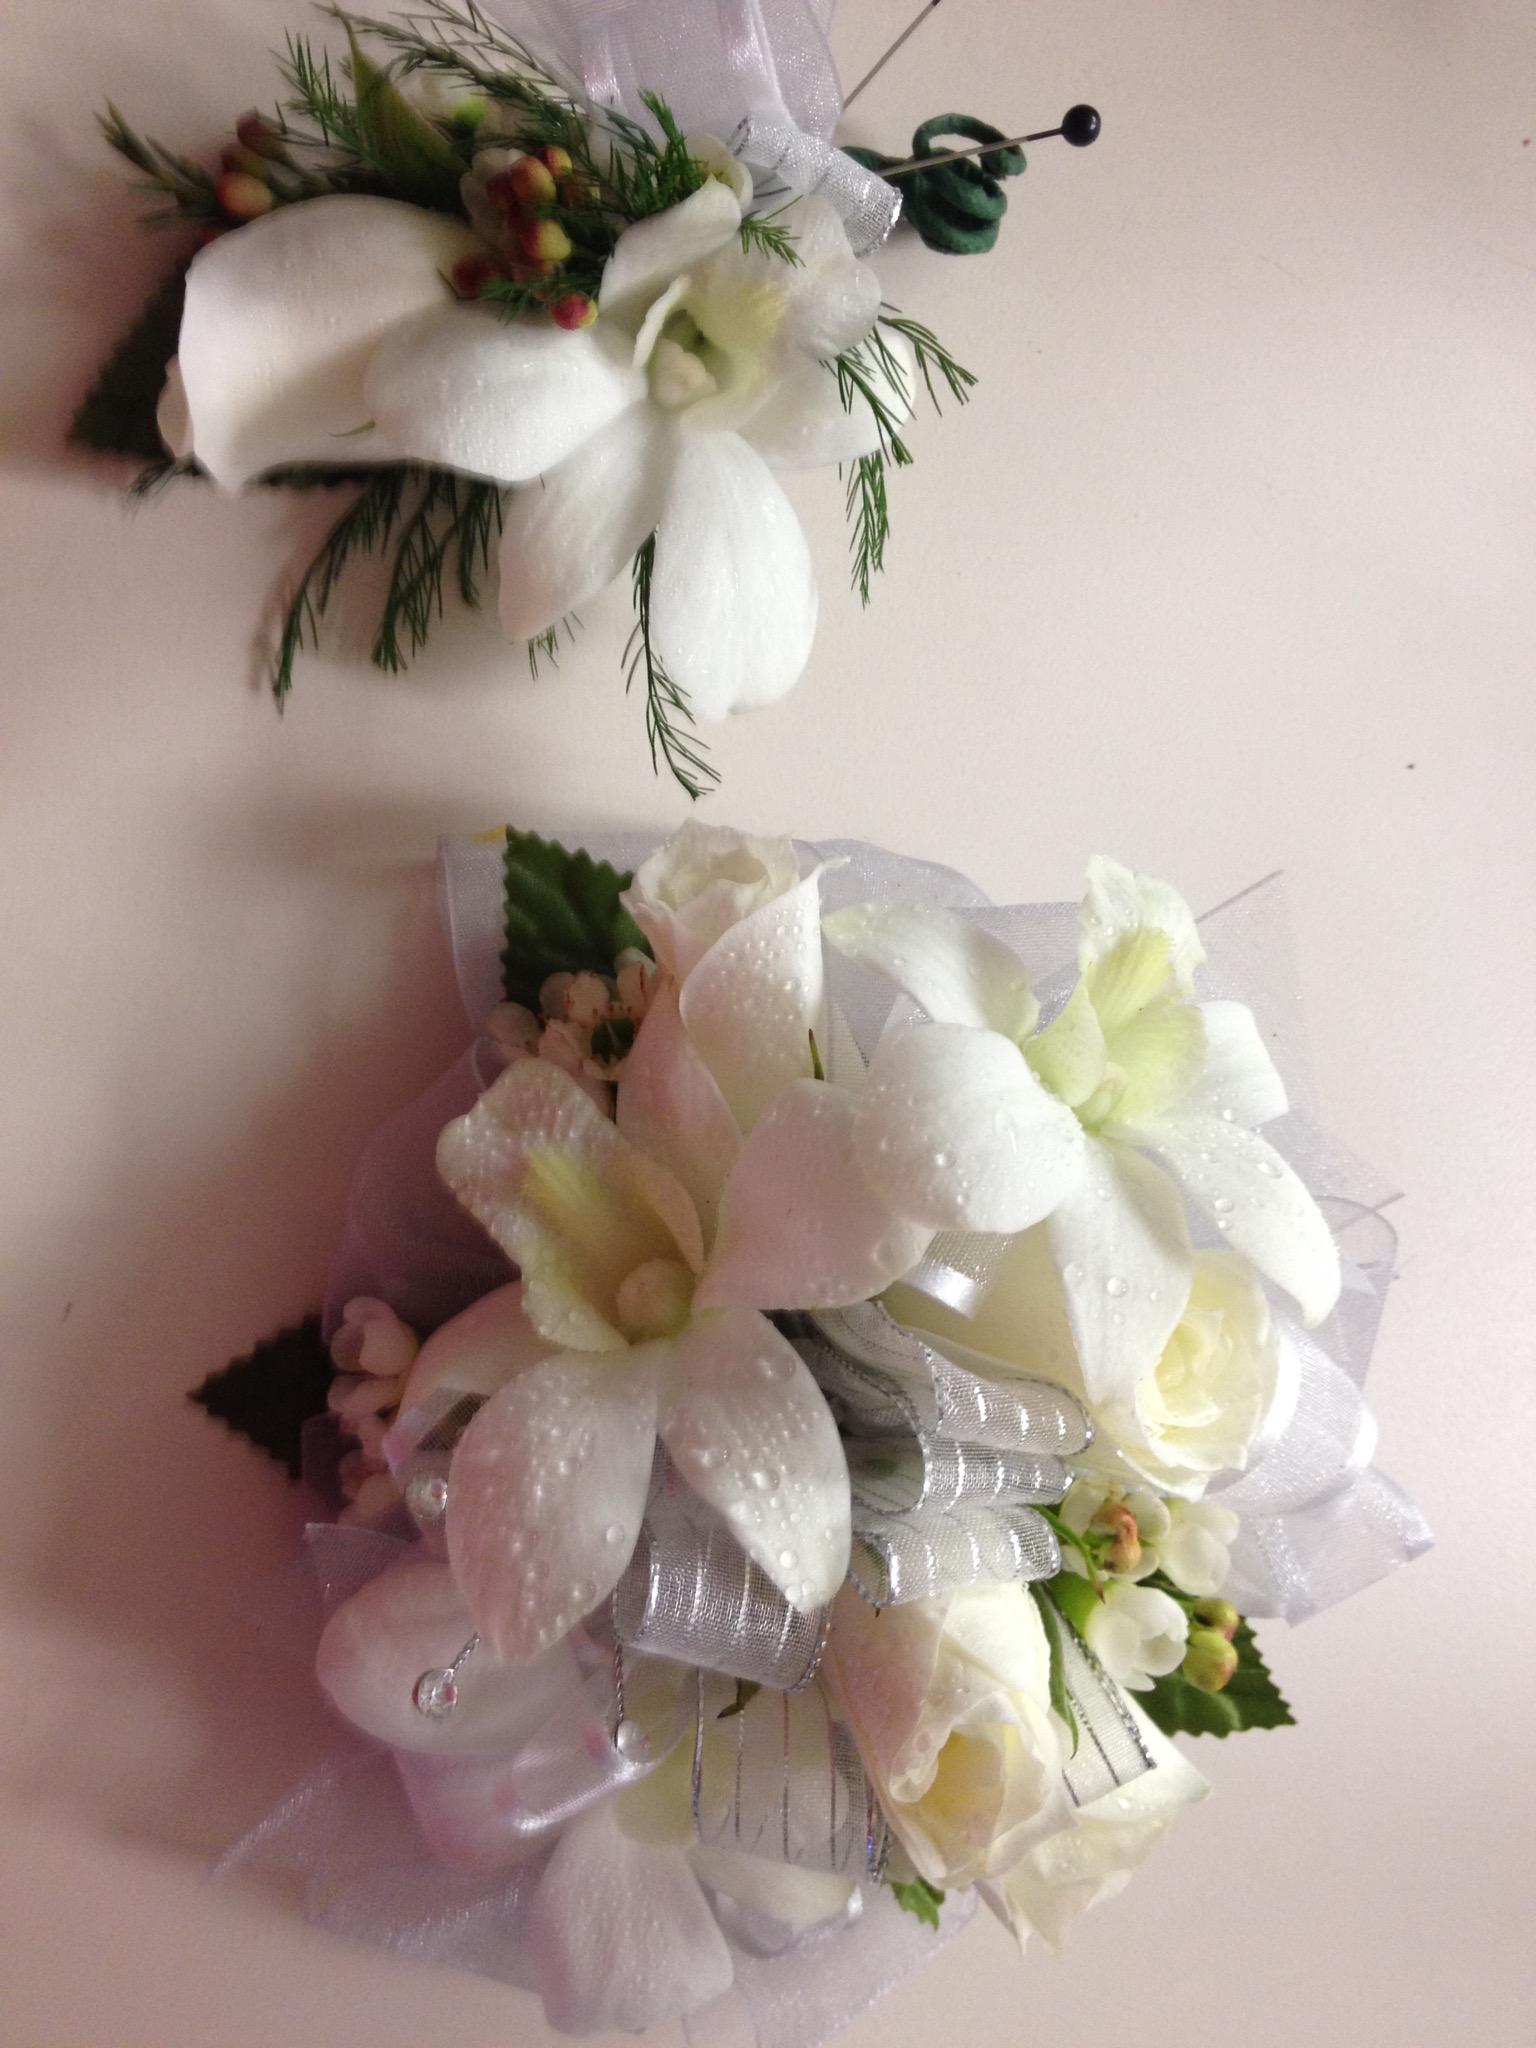 Wristlet & Boutonnière - Orchid, Spray Rose